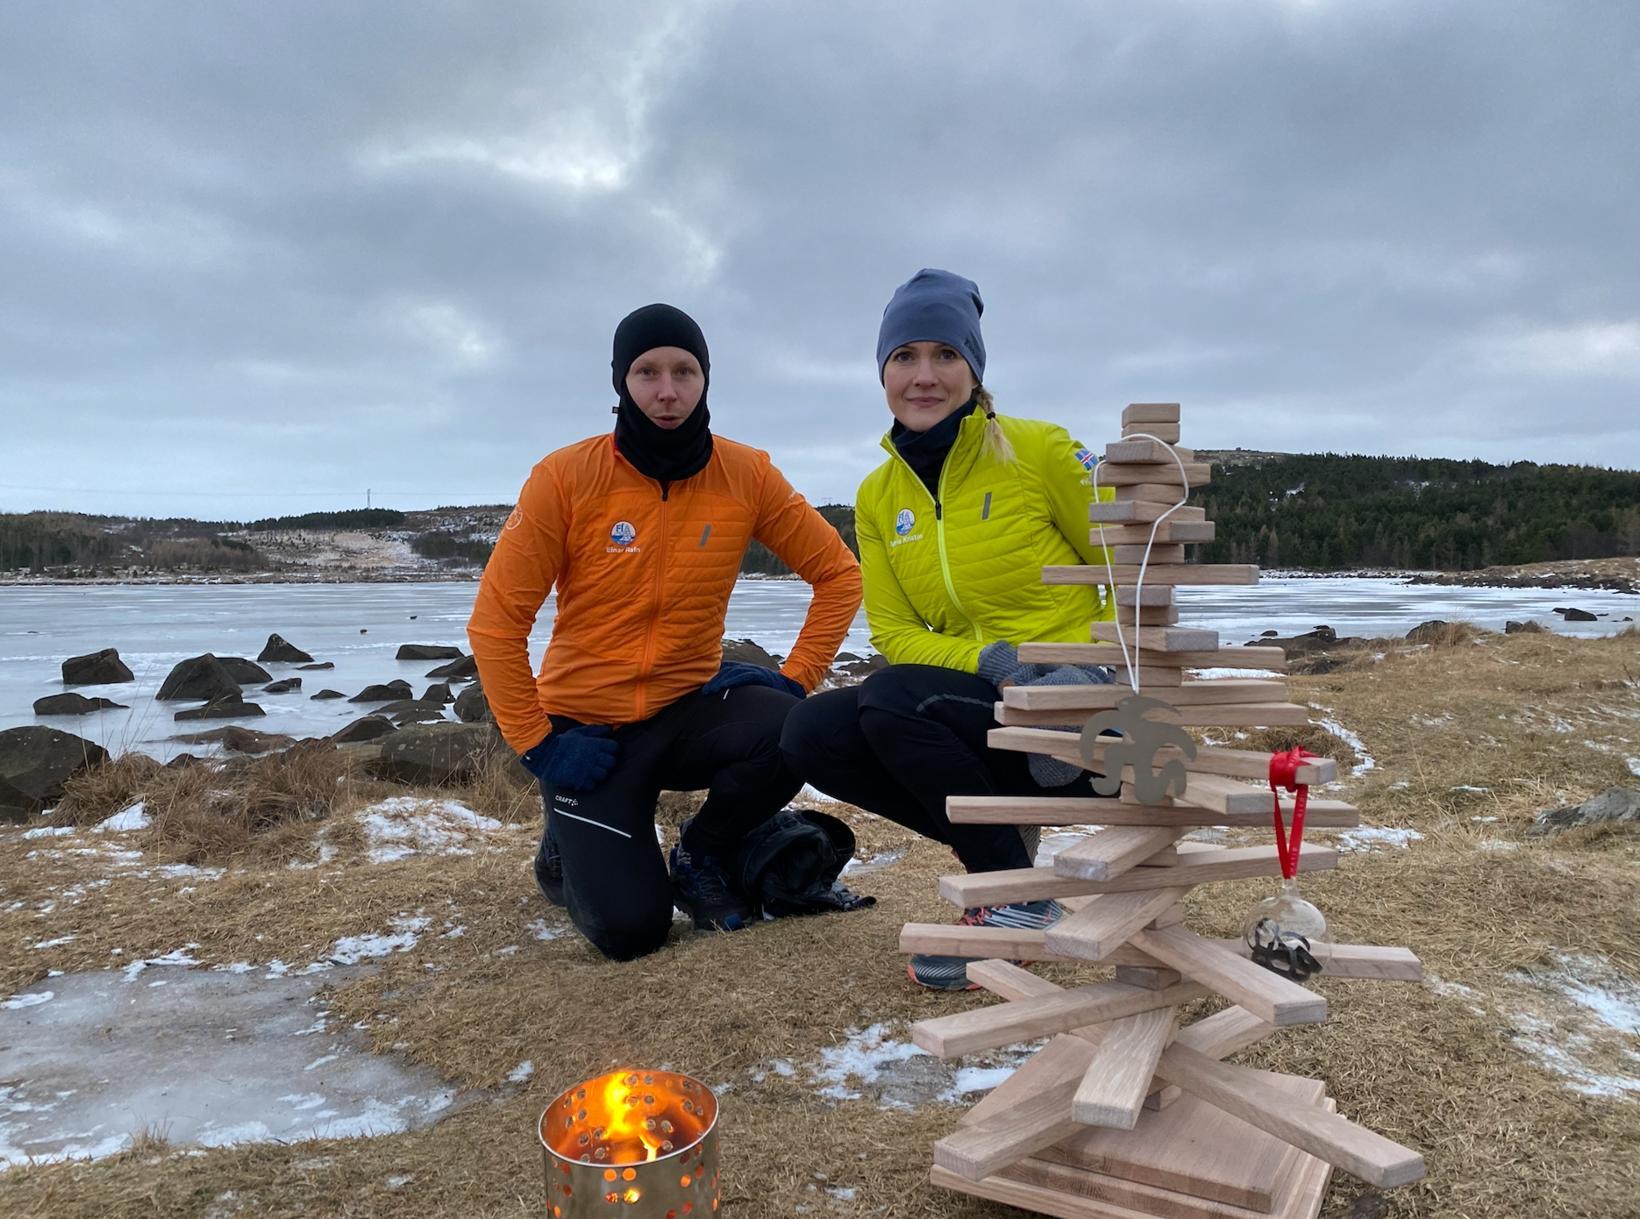 Tveir hlauparanna, Einar Rafn Viðarsson og María Kristín Gröndal, við …